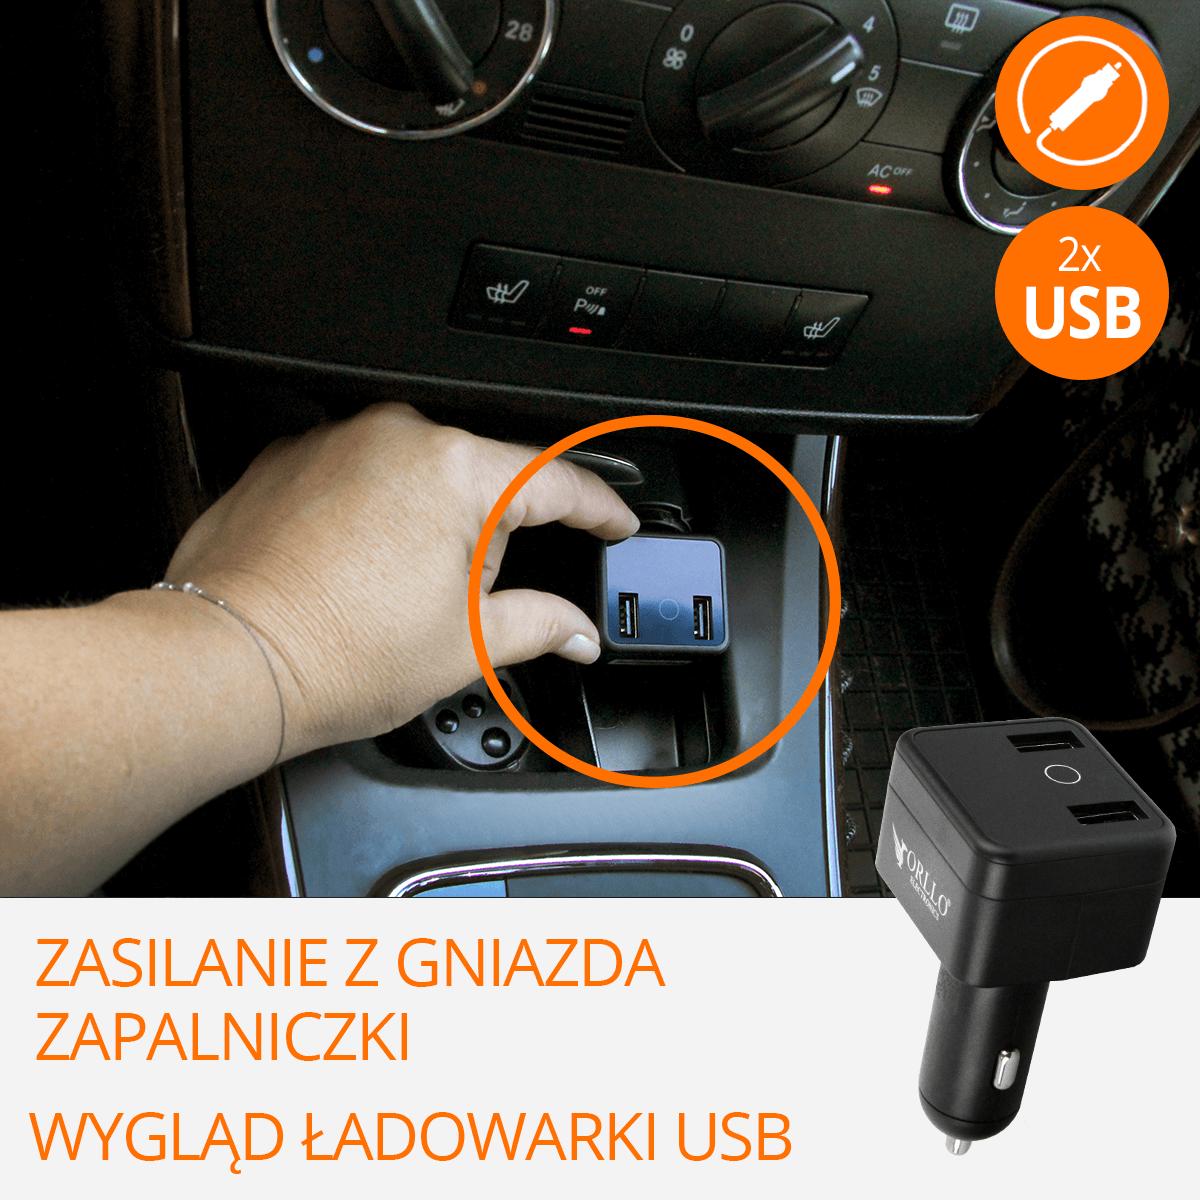 lokalizator do samochody dyskretny łatwy do ukrycia orllo.pl